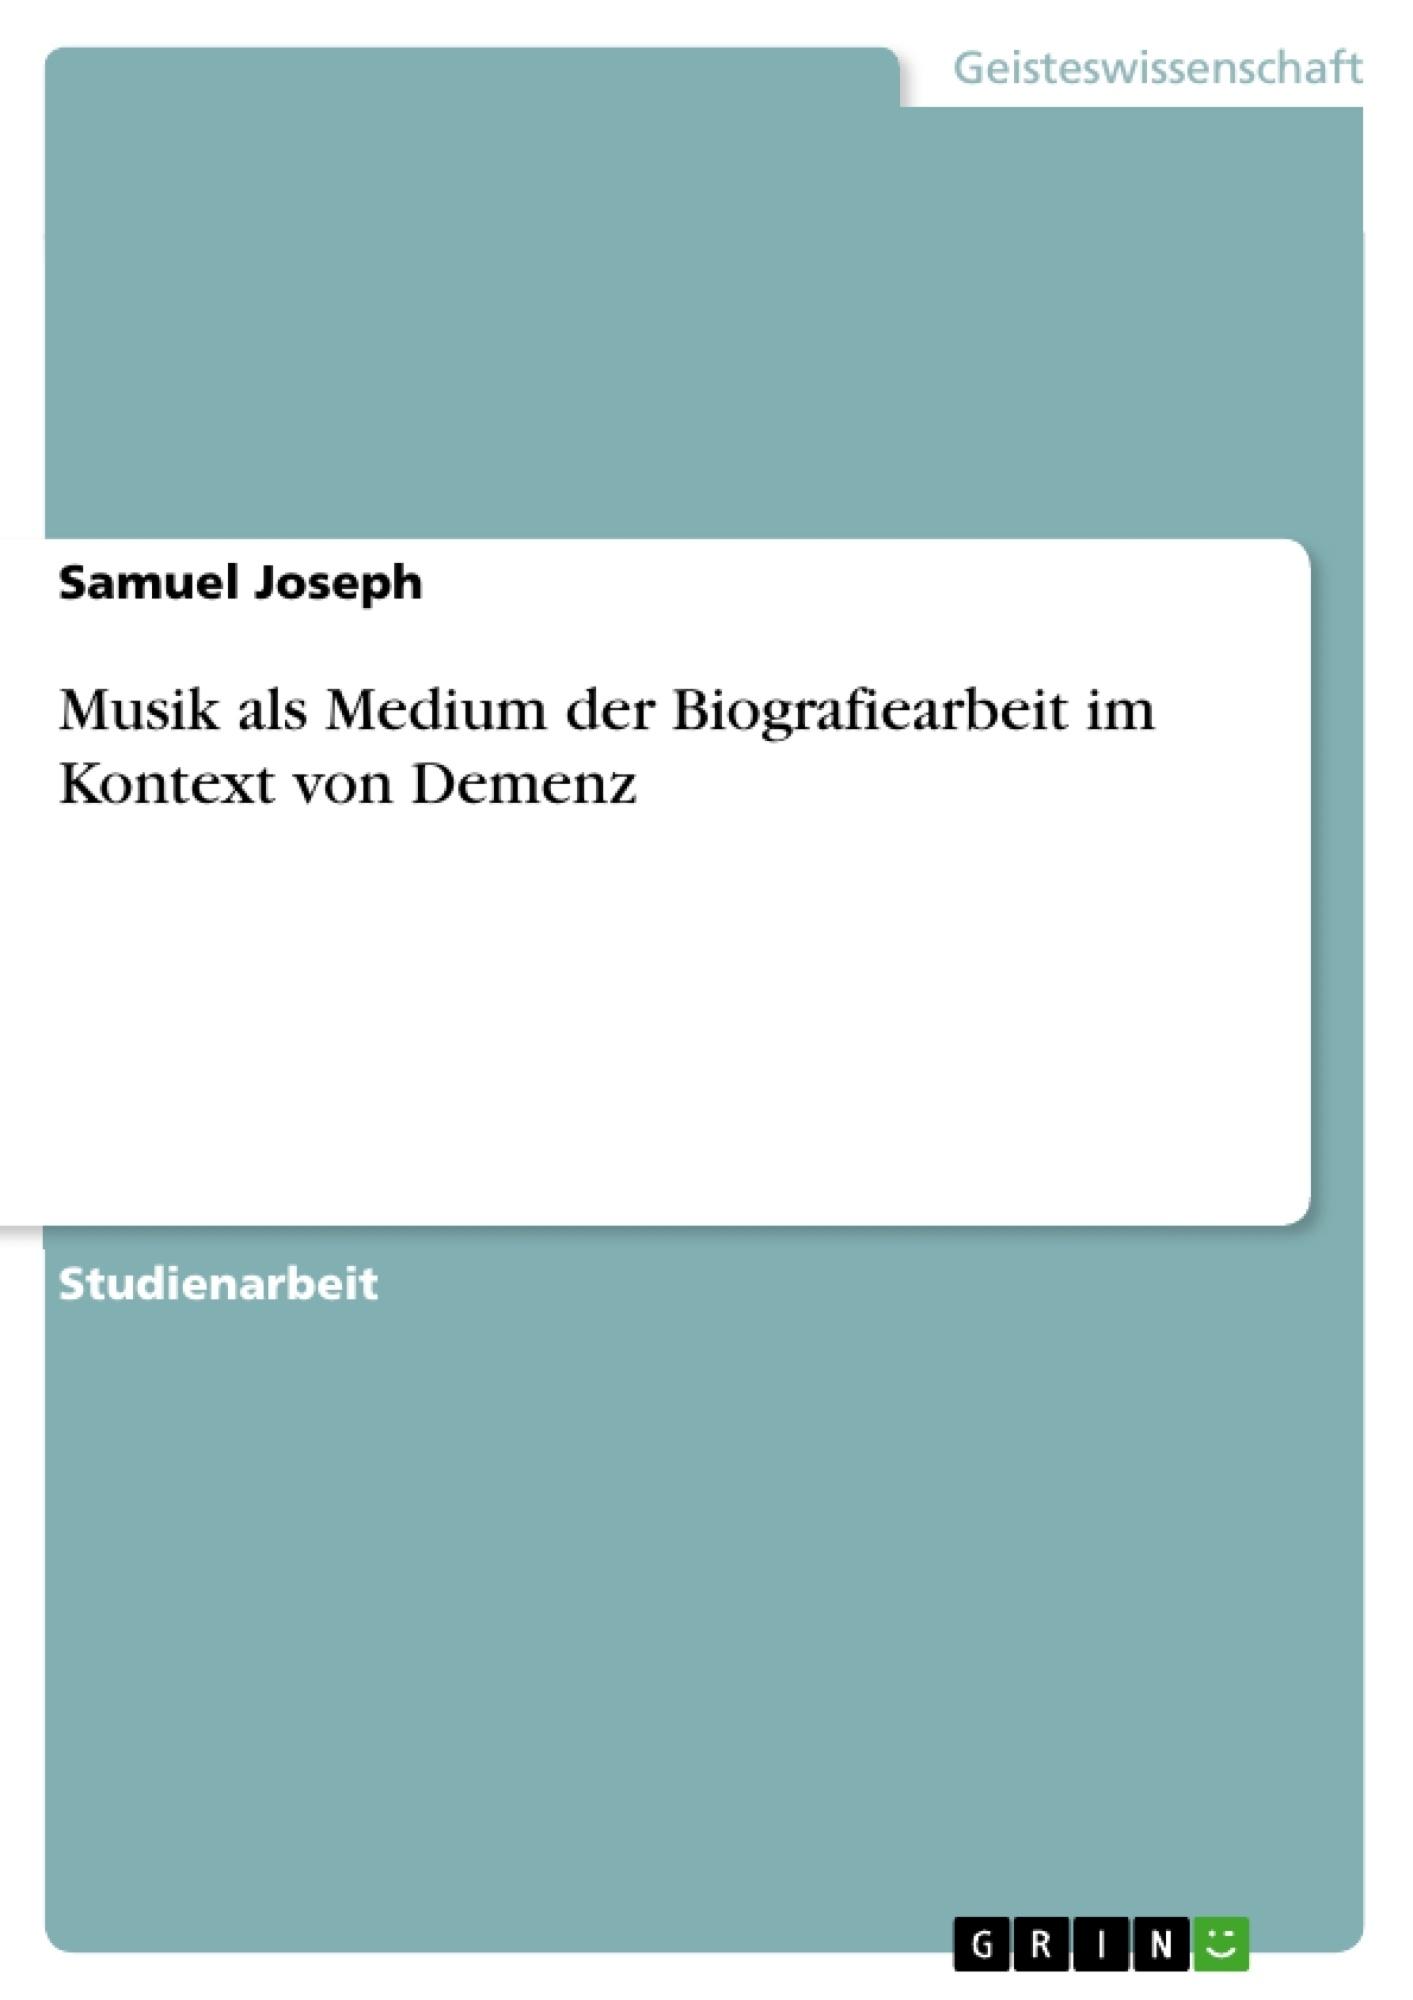 Titel: Musik als Medium der Biografiearbeit im Kontext von Demenz